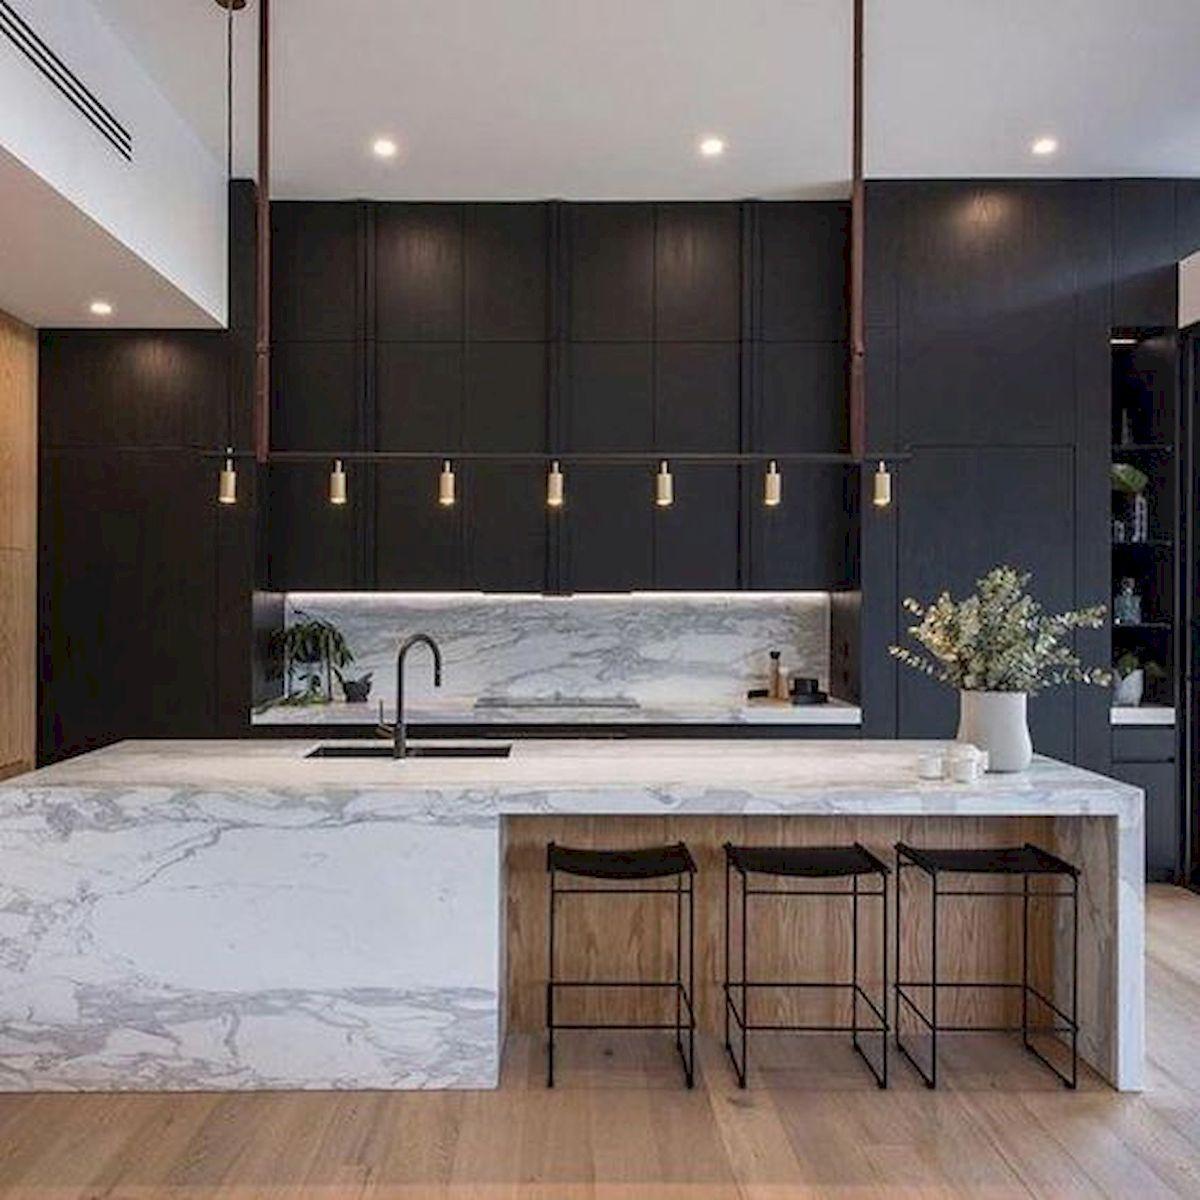 50 Most Popular Modern Dream Kitchen Design Ideas And Decor 46 Minimalist Kitchen Design Modern Kitchen Interiors Modern Kitchen Design